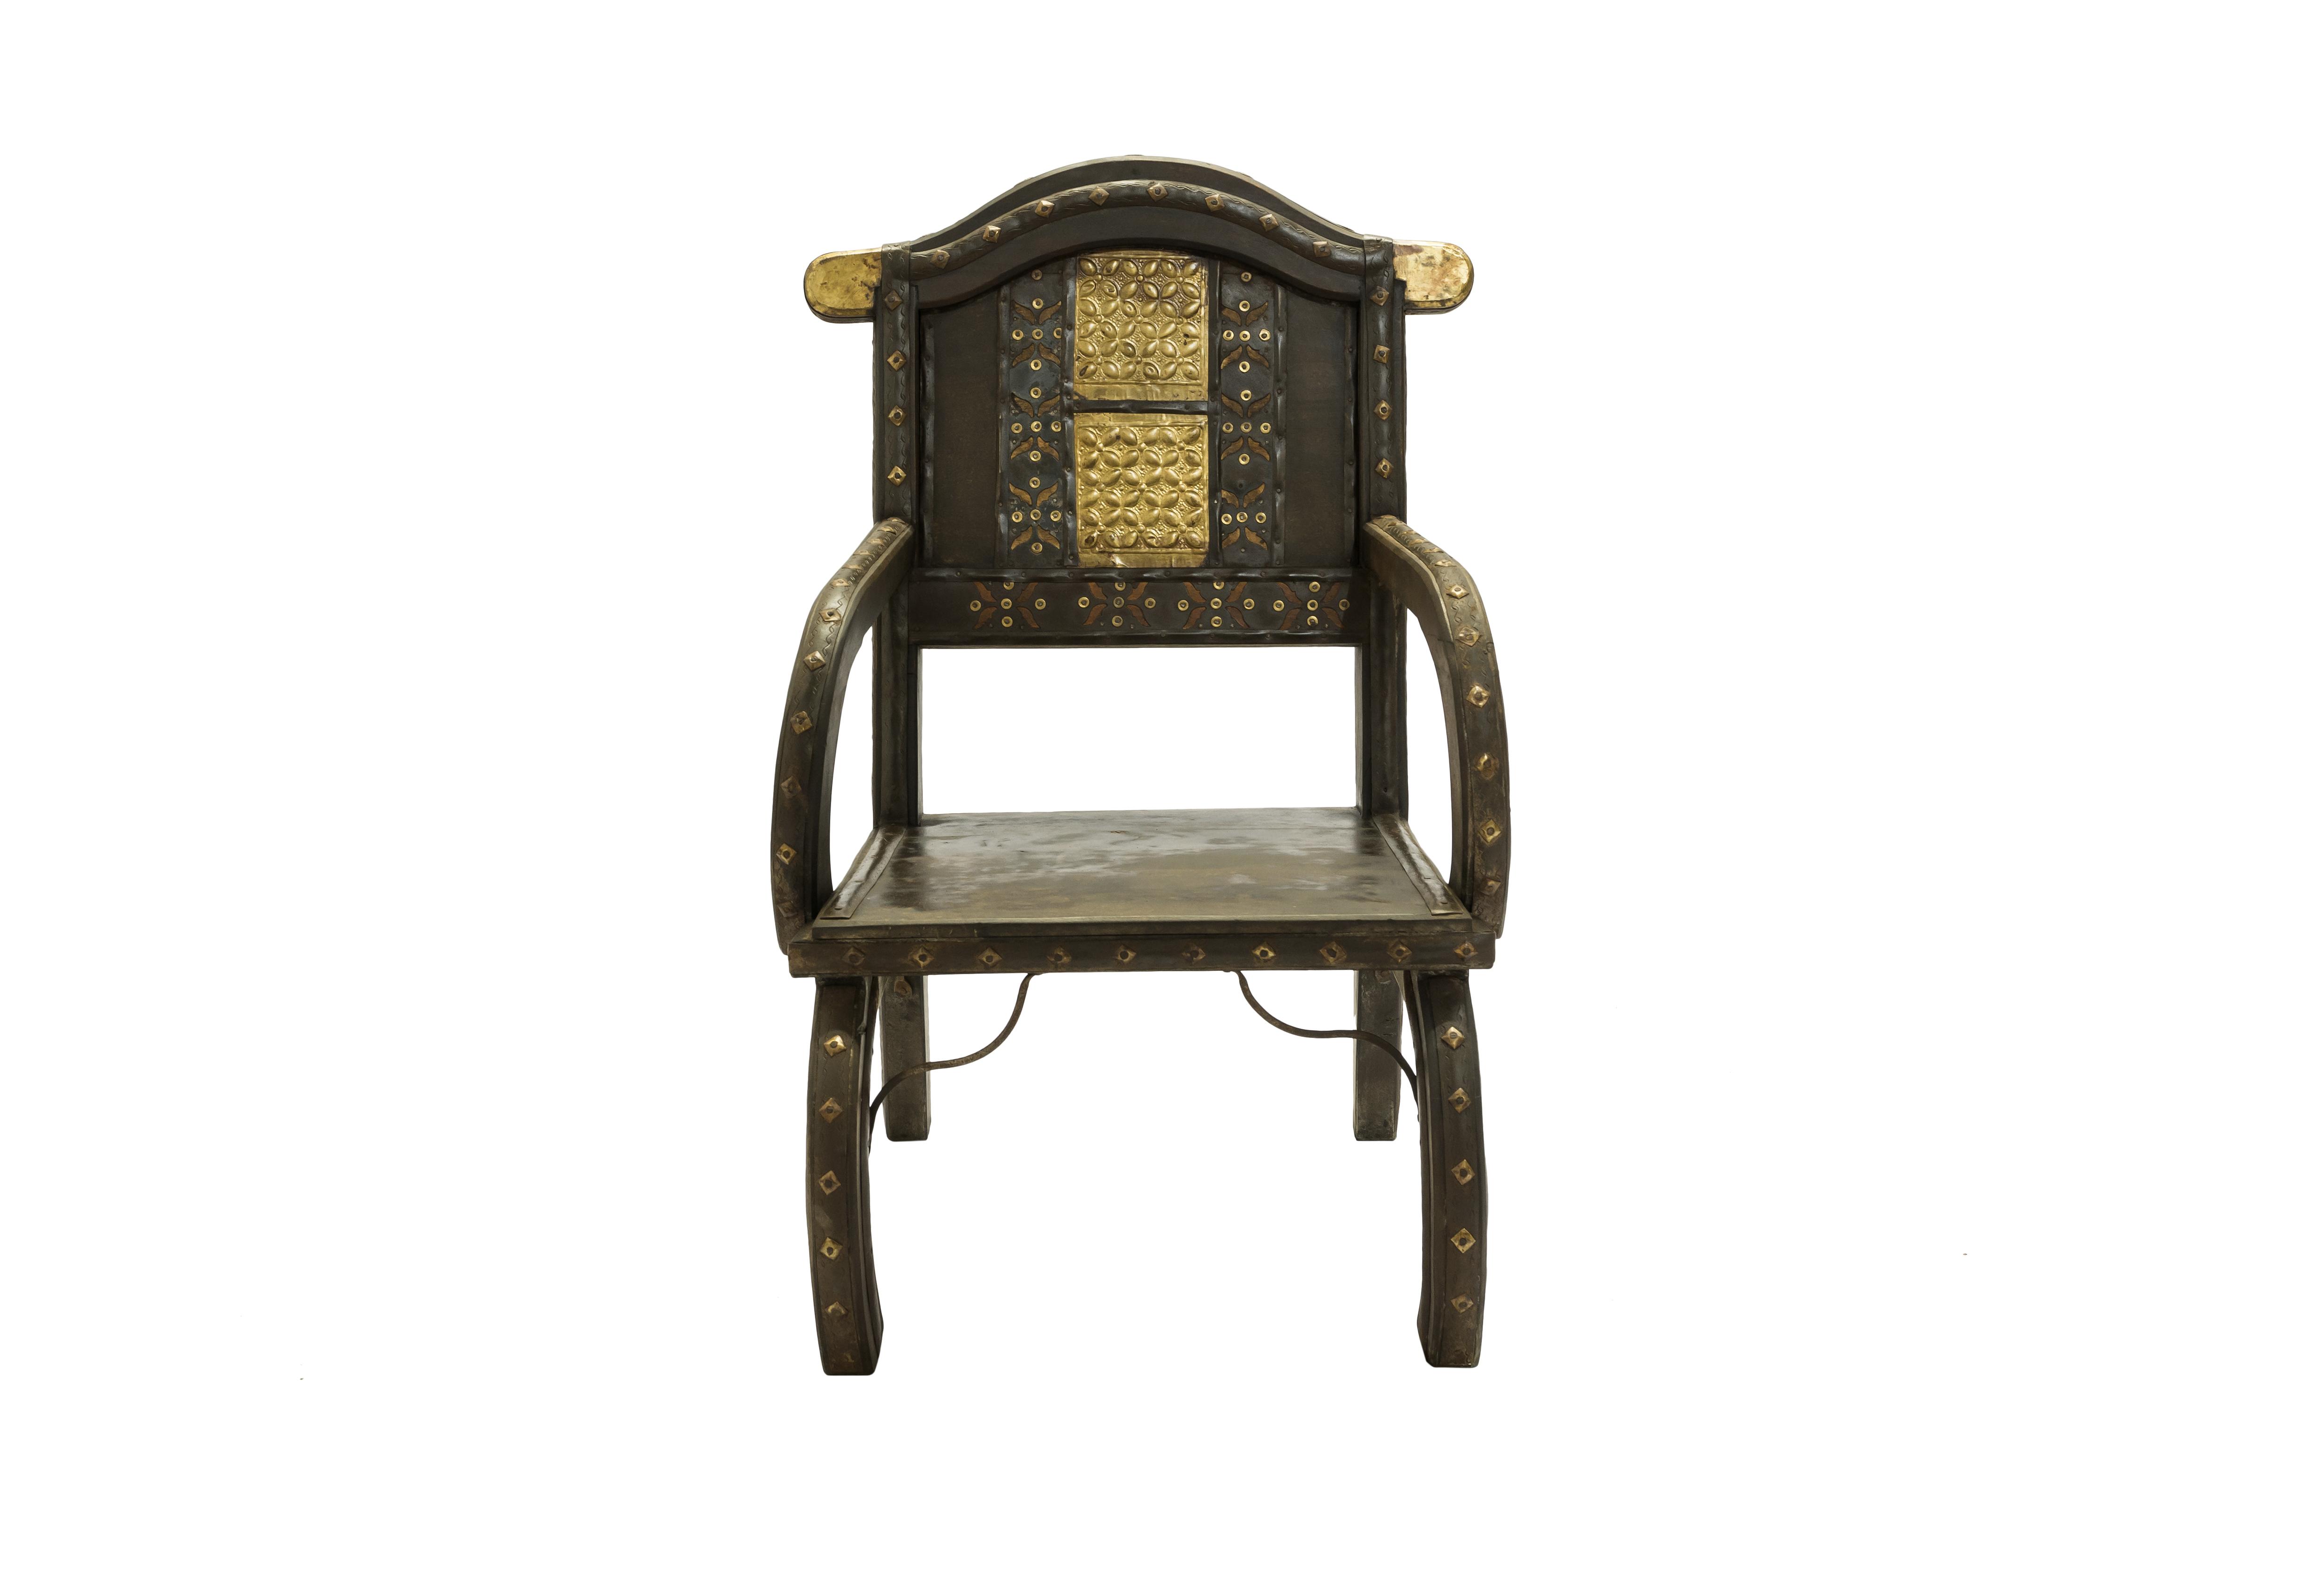 Silla India madera y metal diseño cuatrifolio